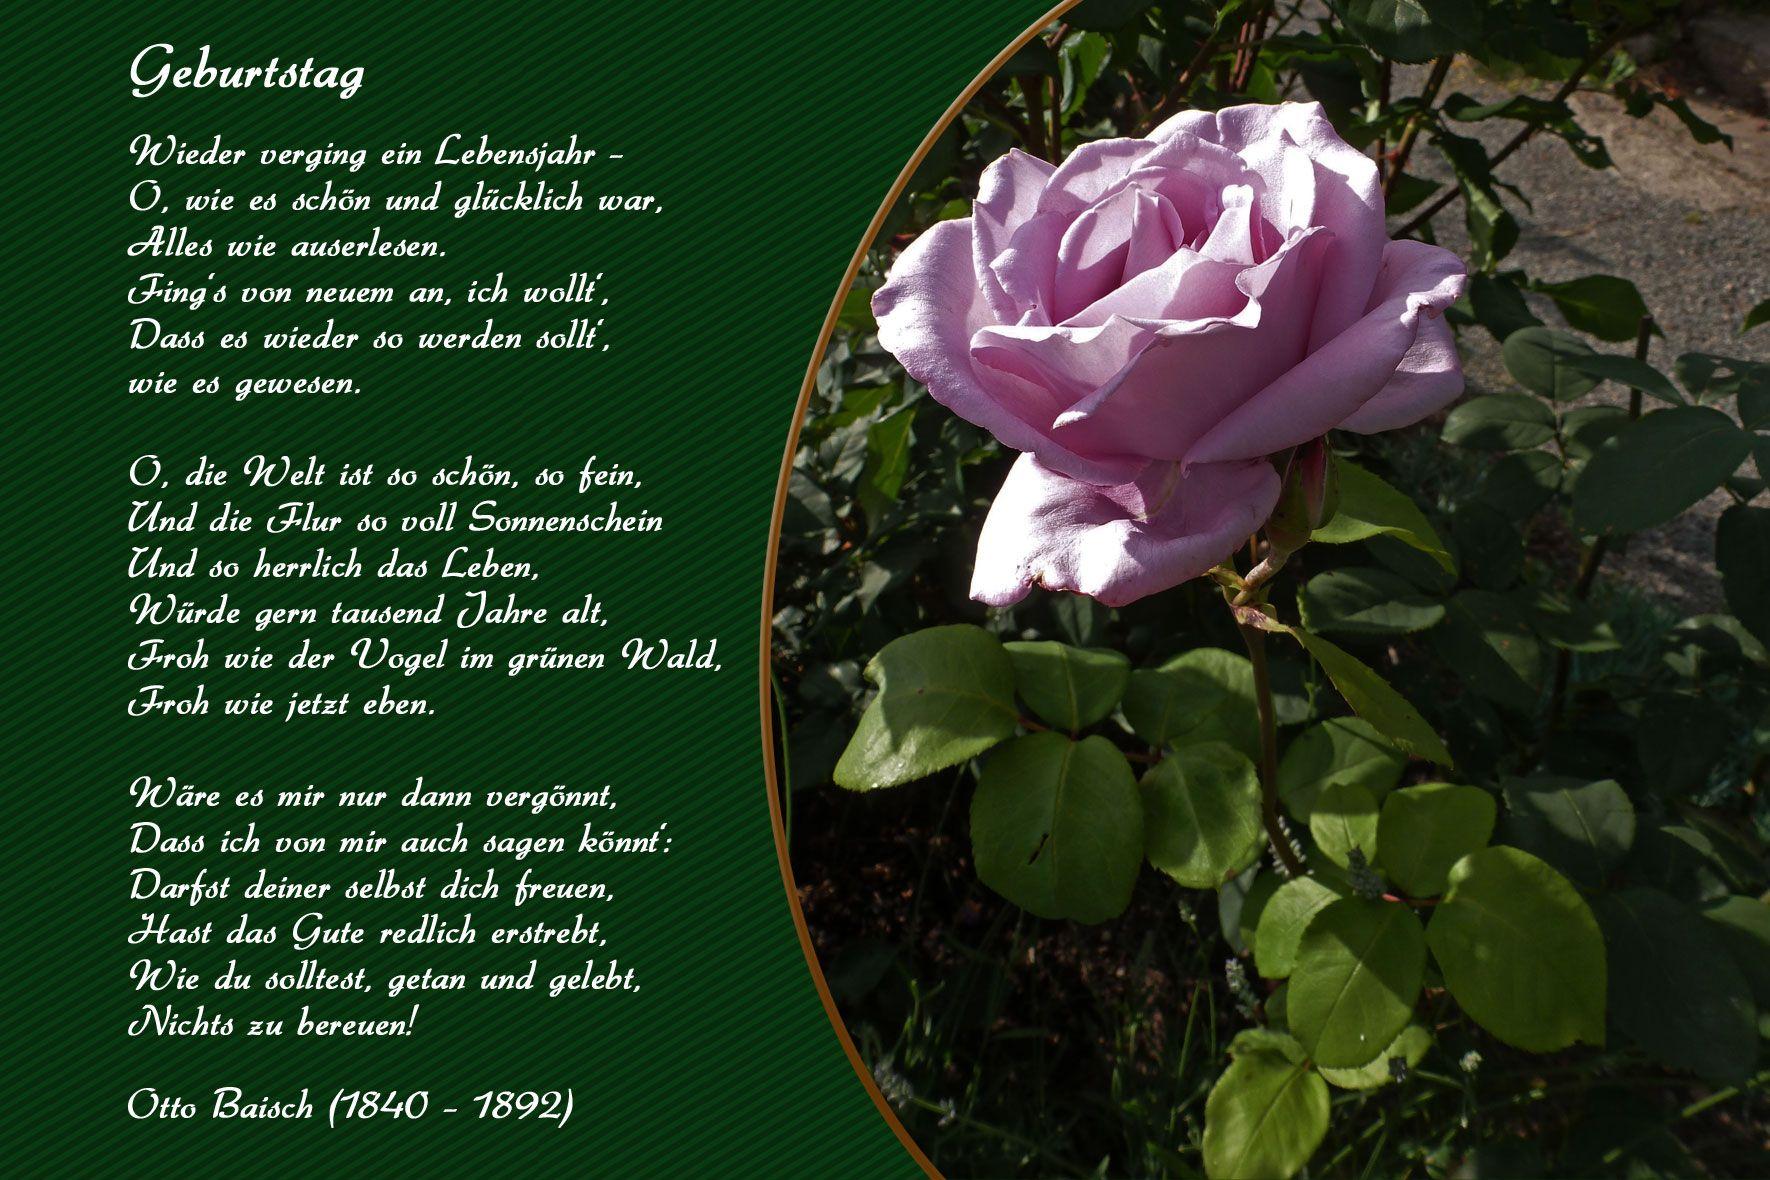 Geburtstagswunsche Geburtstag Blumen Gedichte Maerchen